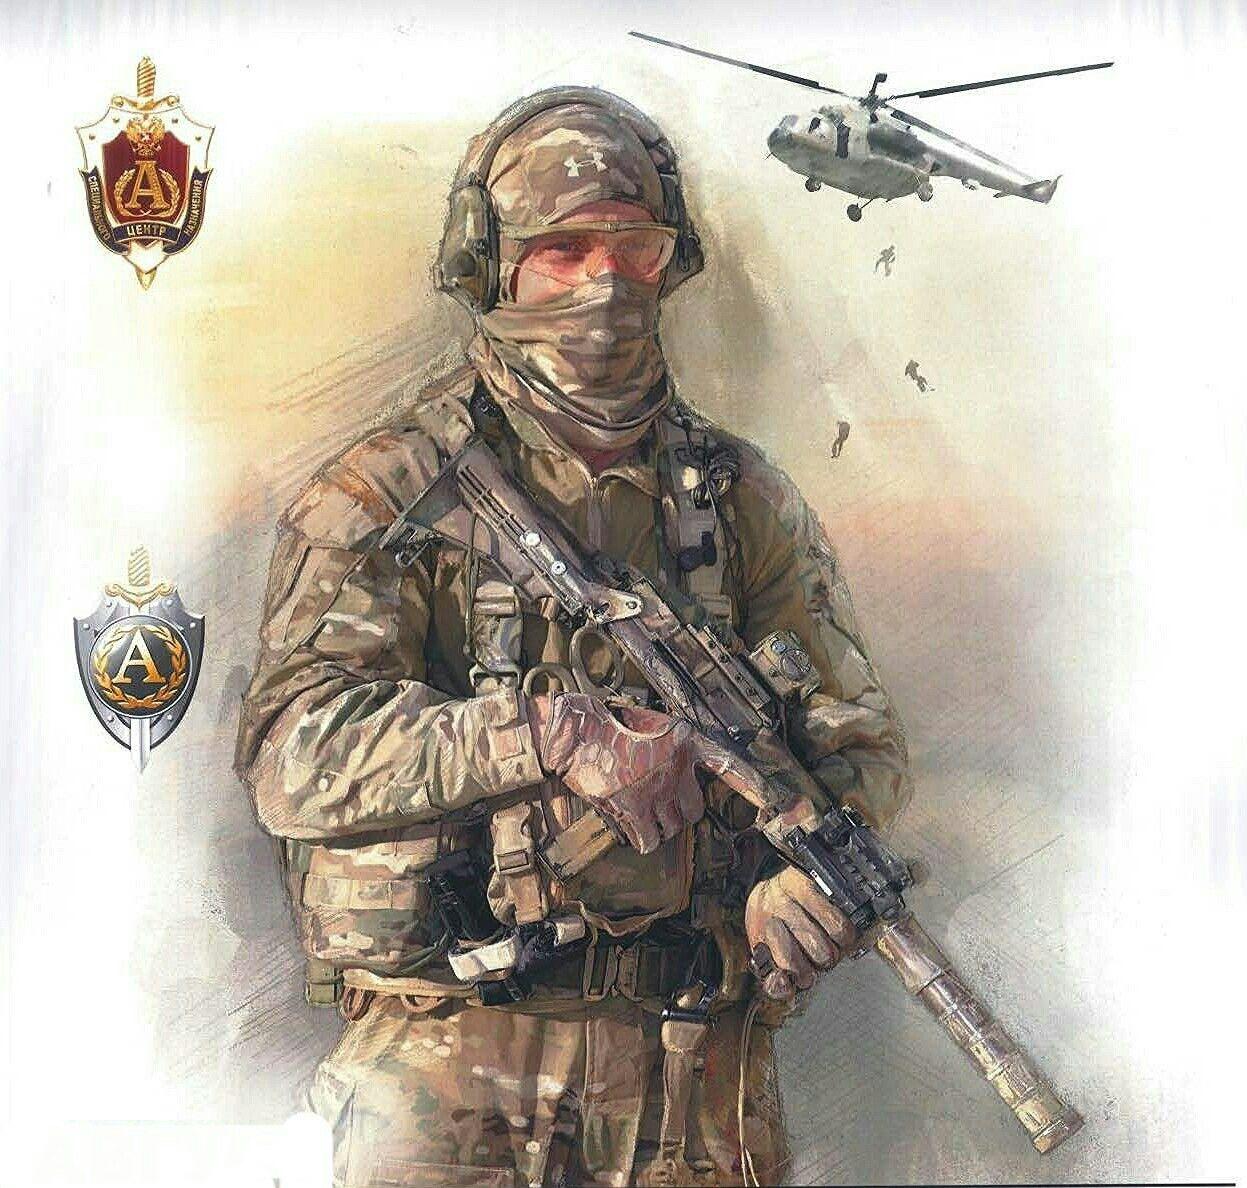 Российский спецназ рисованные картинки